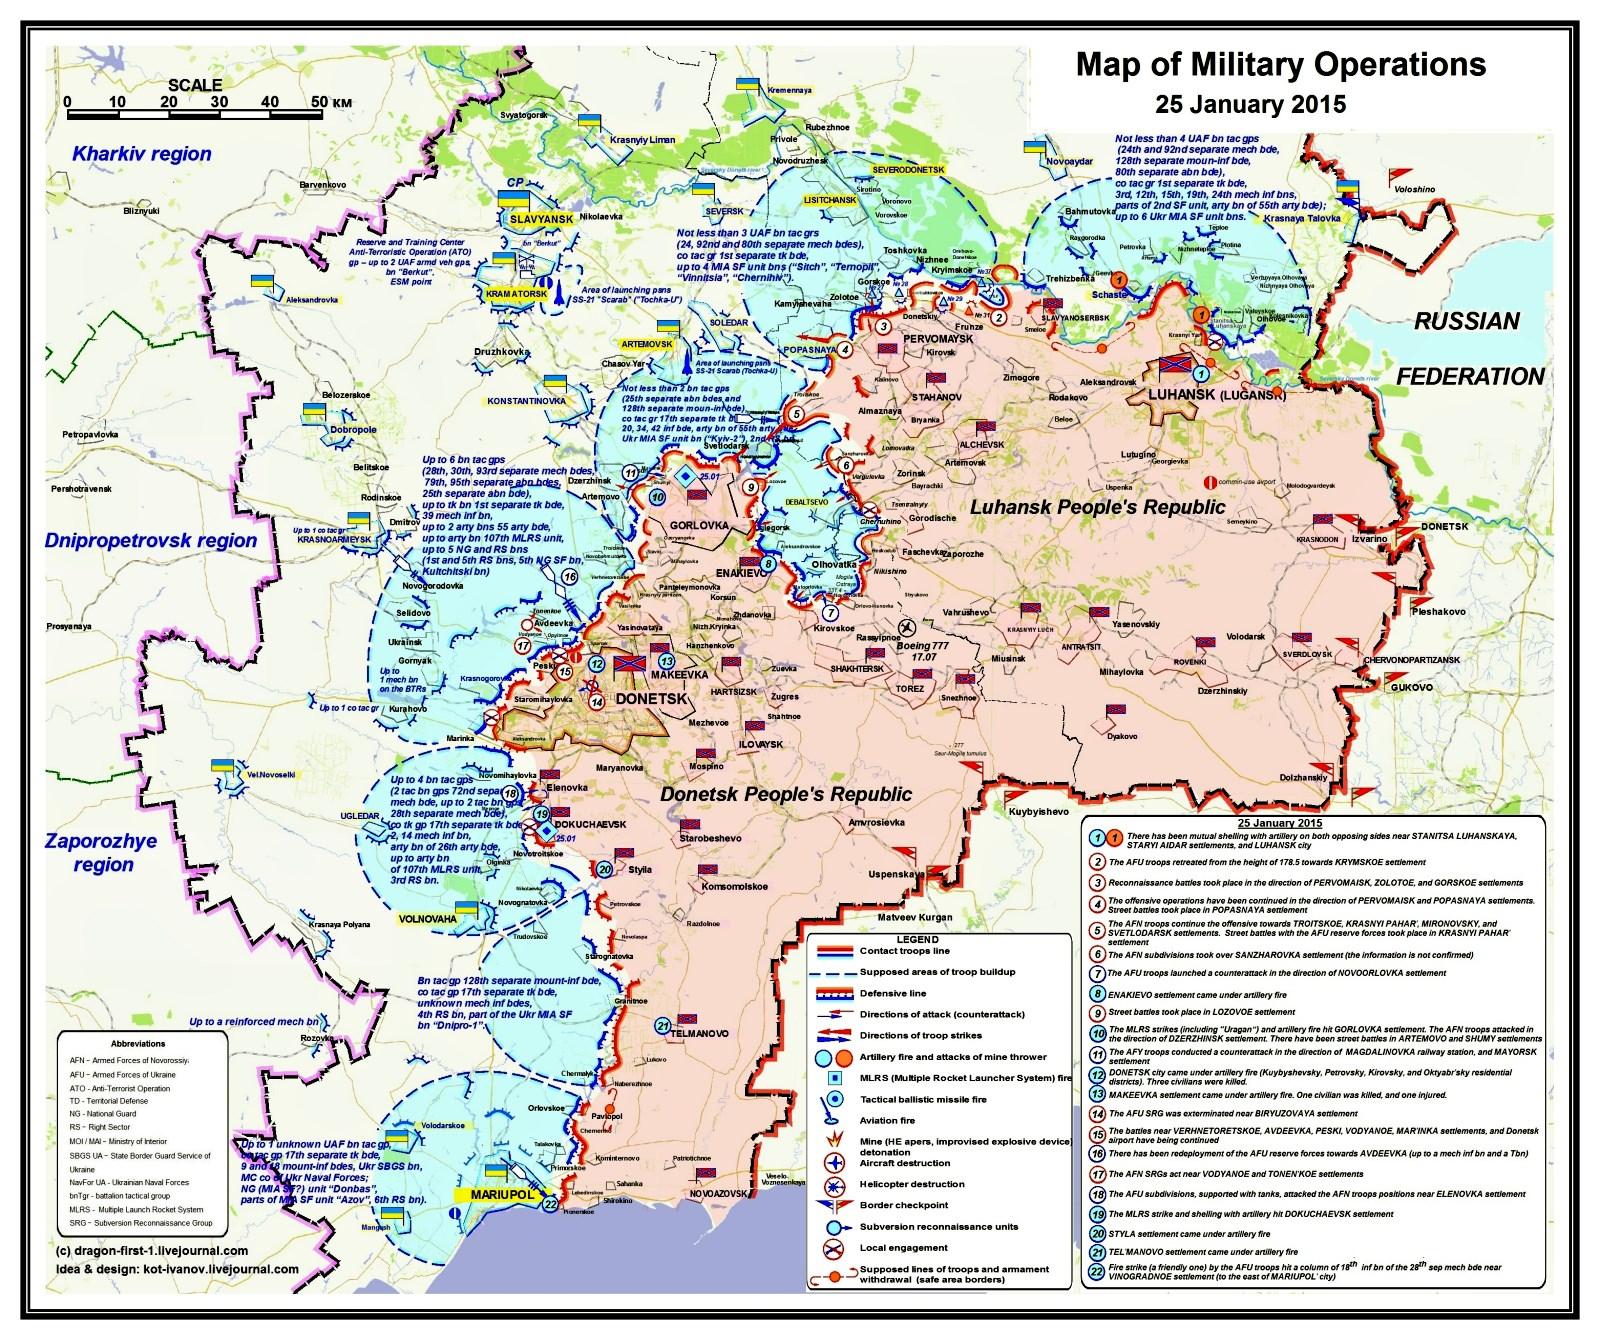 00 sitrep map Novorossiya 01. 27.01.15